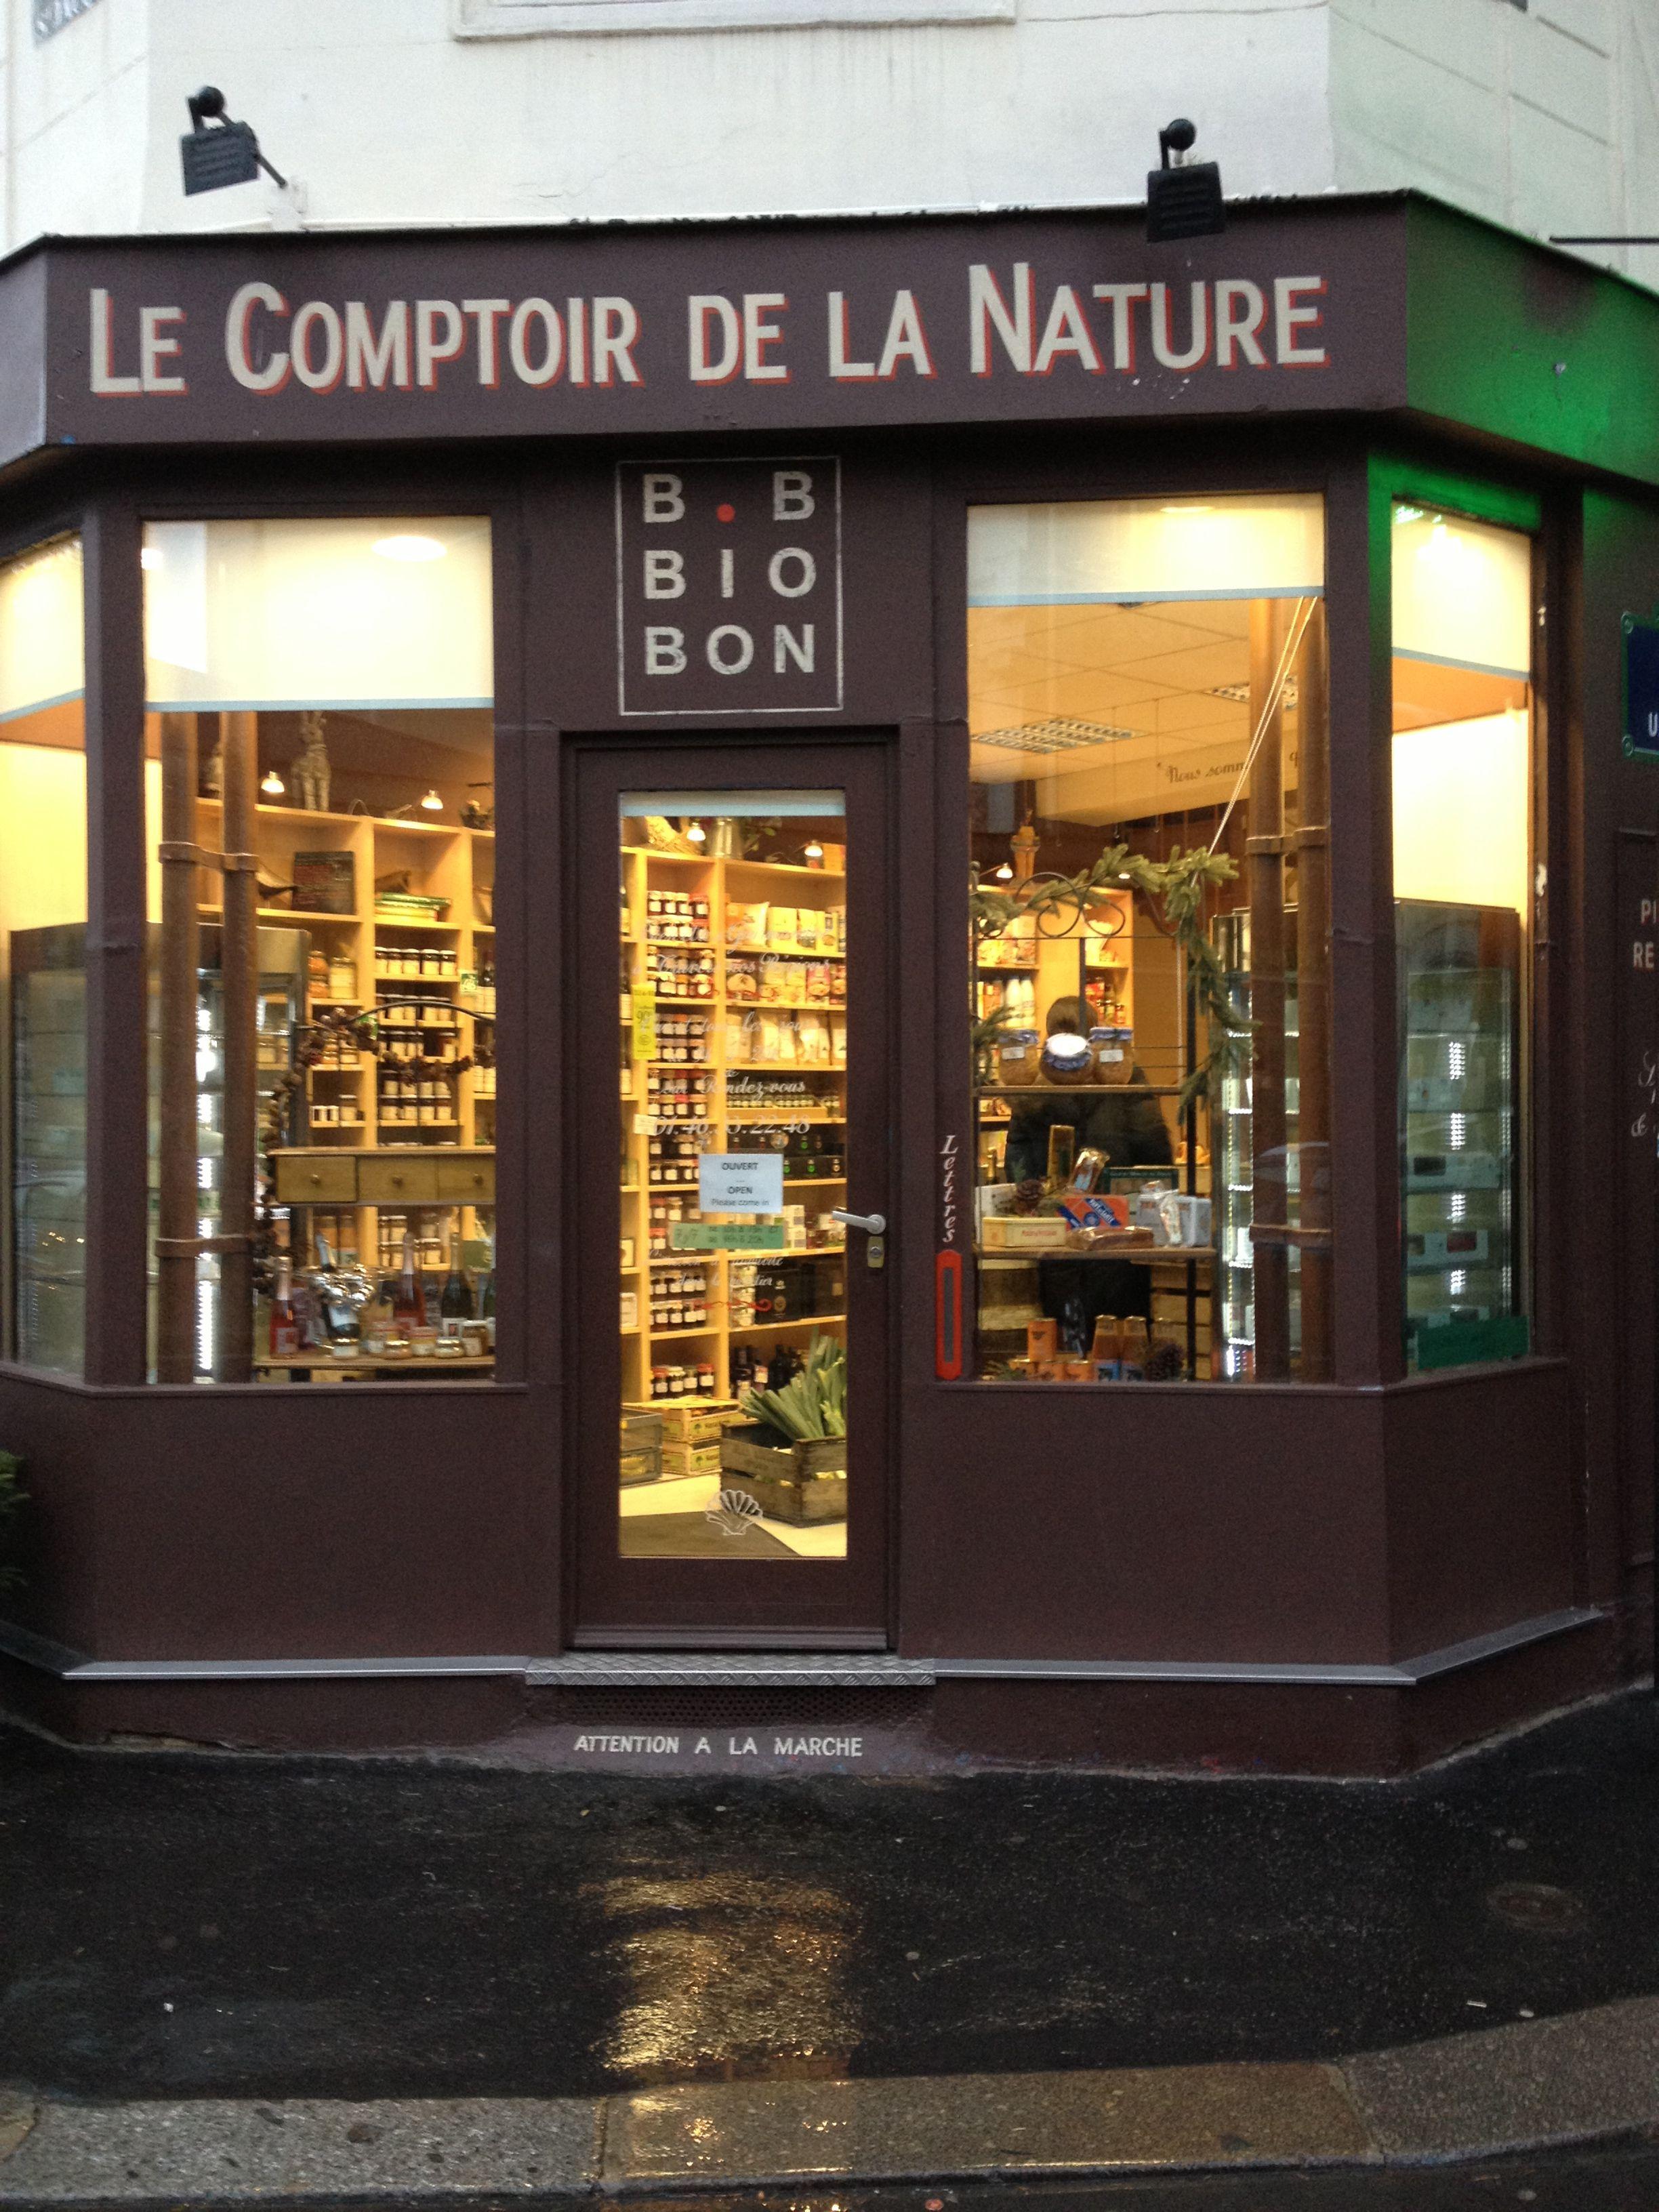 Bio Bon Comptoir De La Nature Organic And Farm Produce Shop Near Port Royal And Gardens Of Luxembourg Paris Parijs